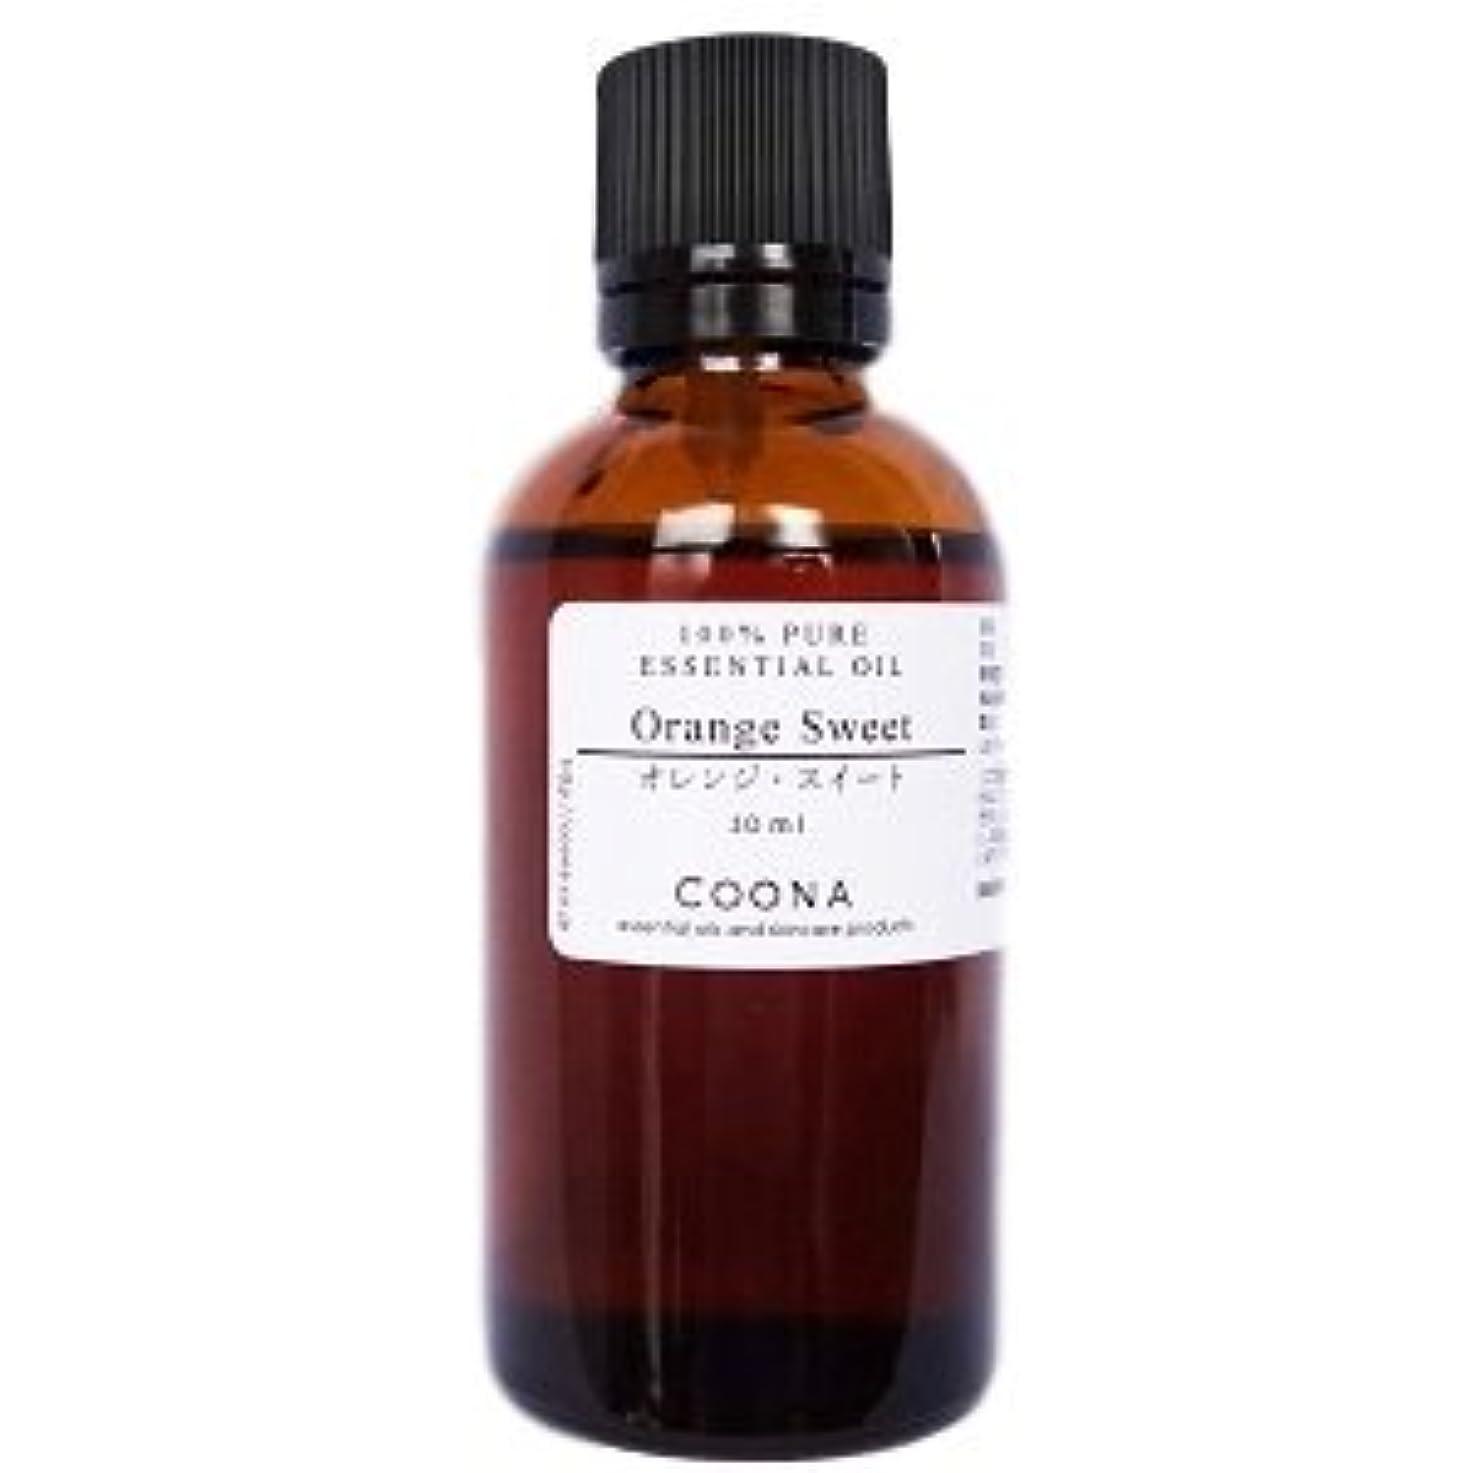 反論グリーンランドエジプト人オレンジ スイート 50 ml (COONA エッセンシャルオイル アロマオイル 100%天然植物精油)